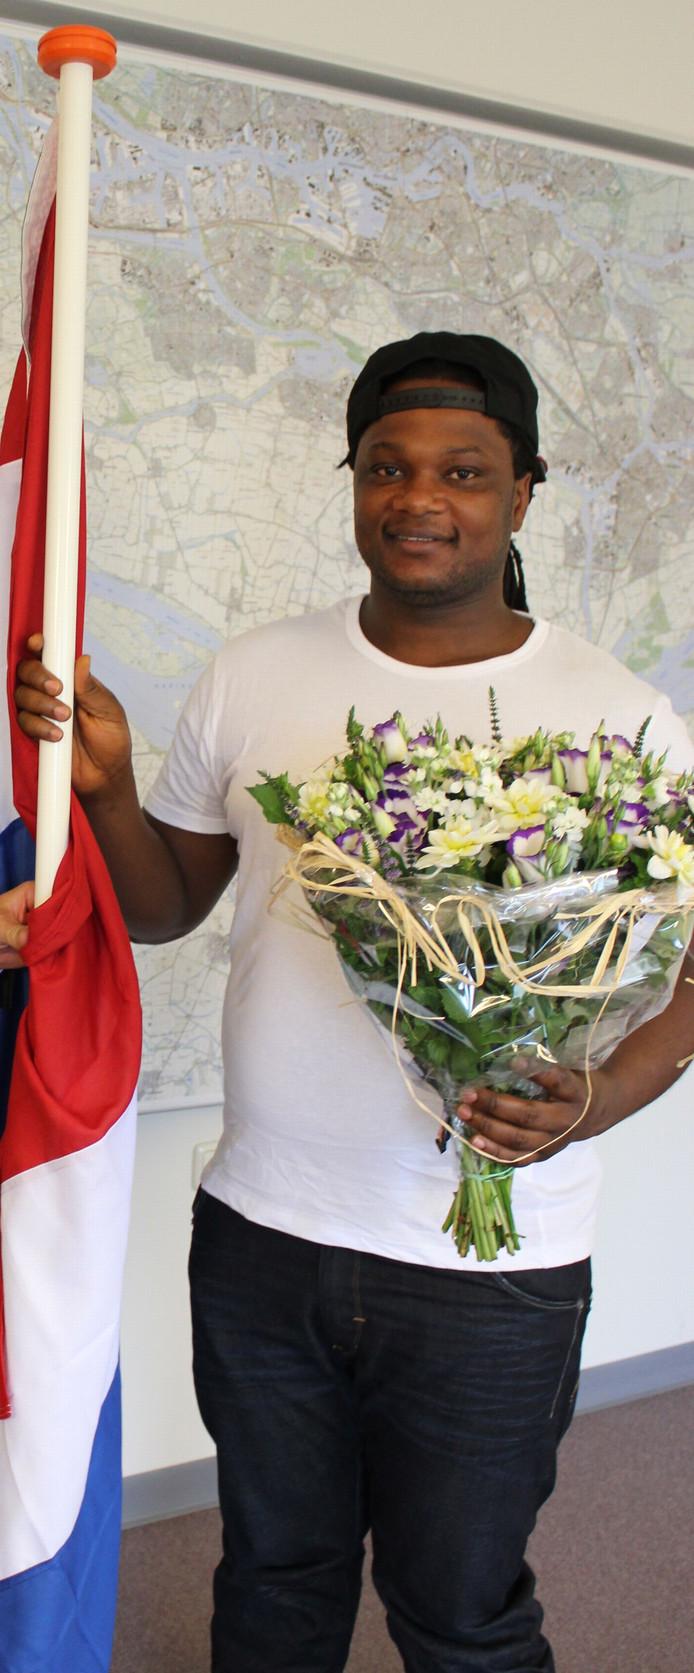 Umaru Sesay in augustus 2014 tijdens de naturalisatieceremonie in Numansdorp.